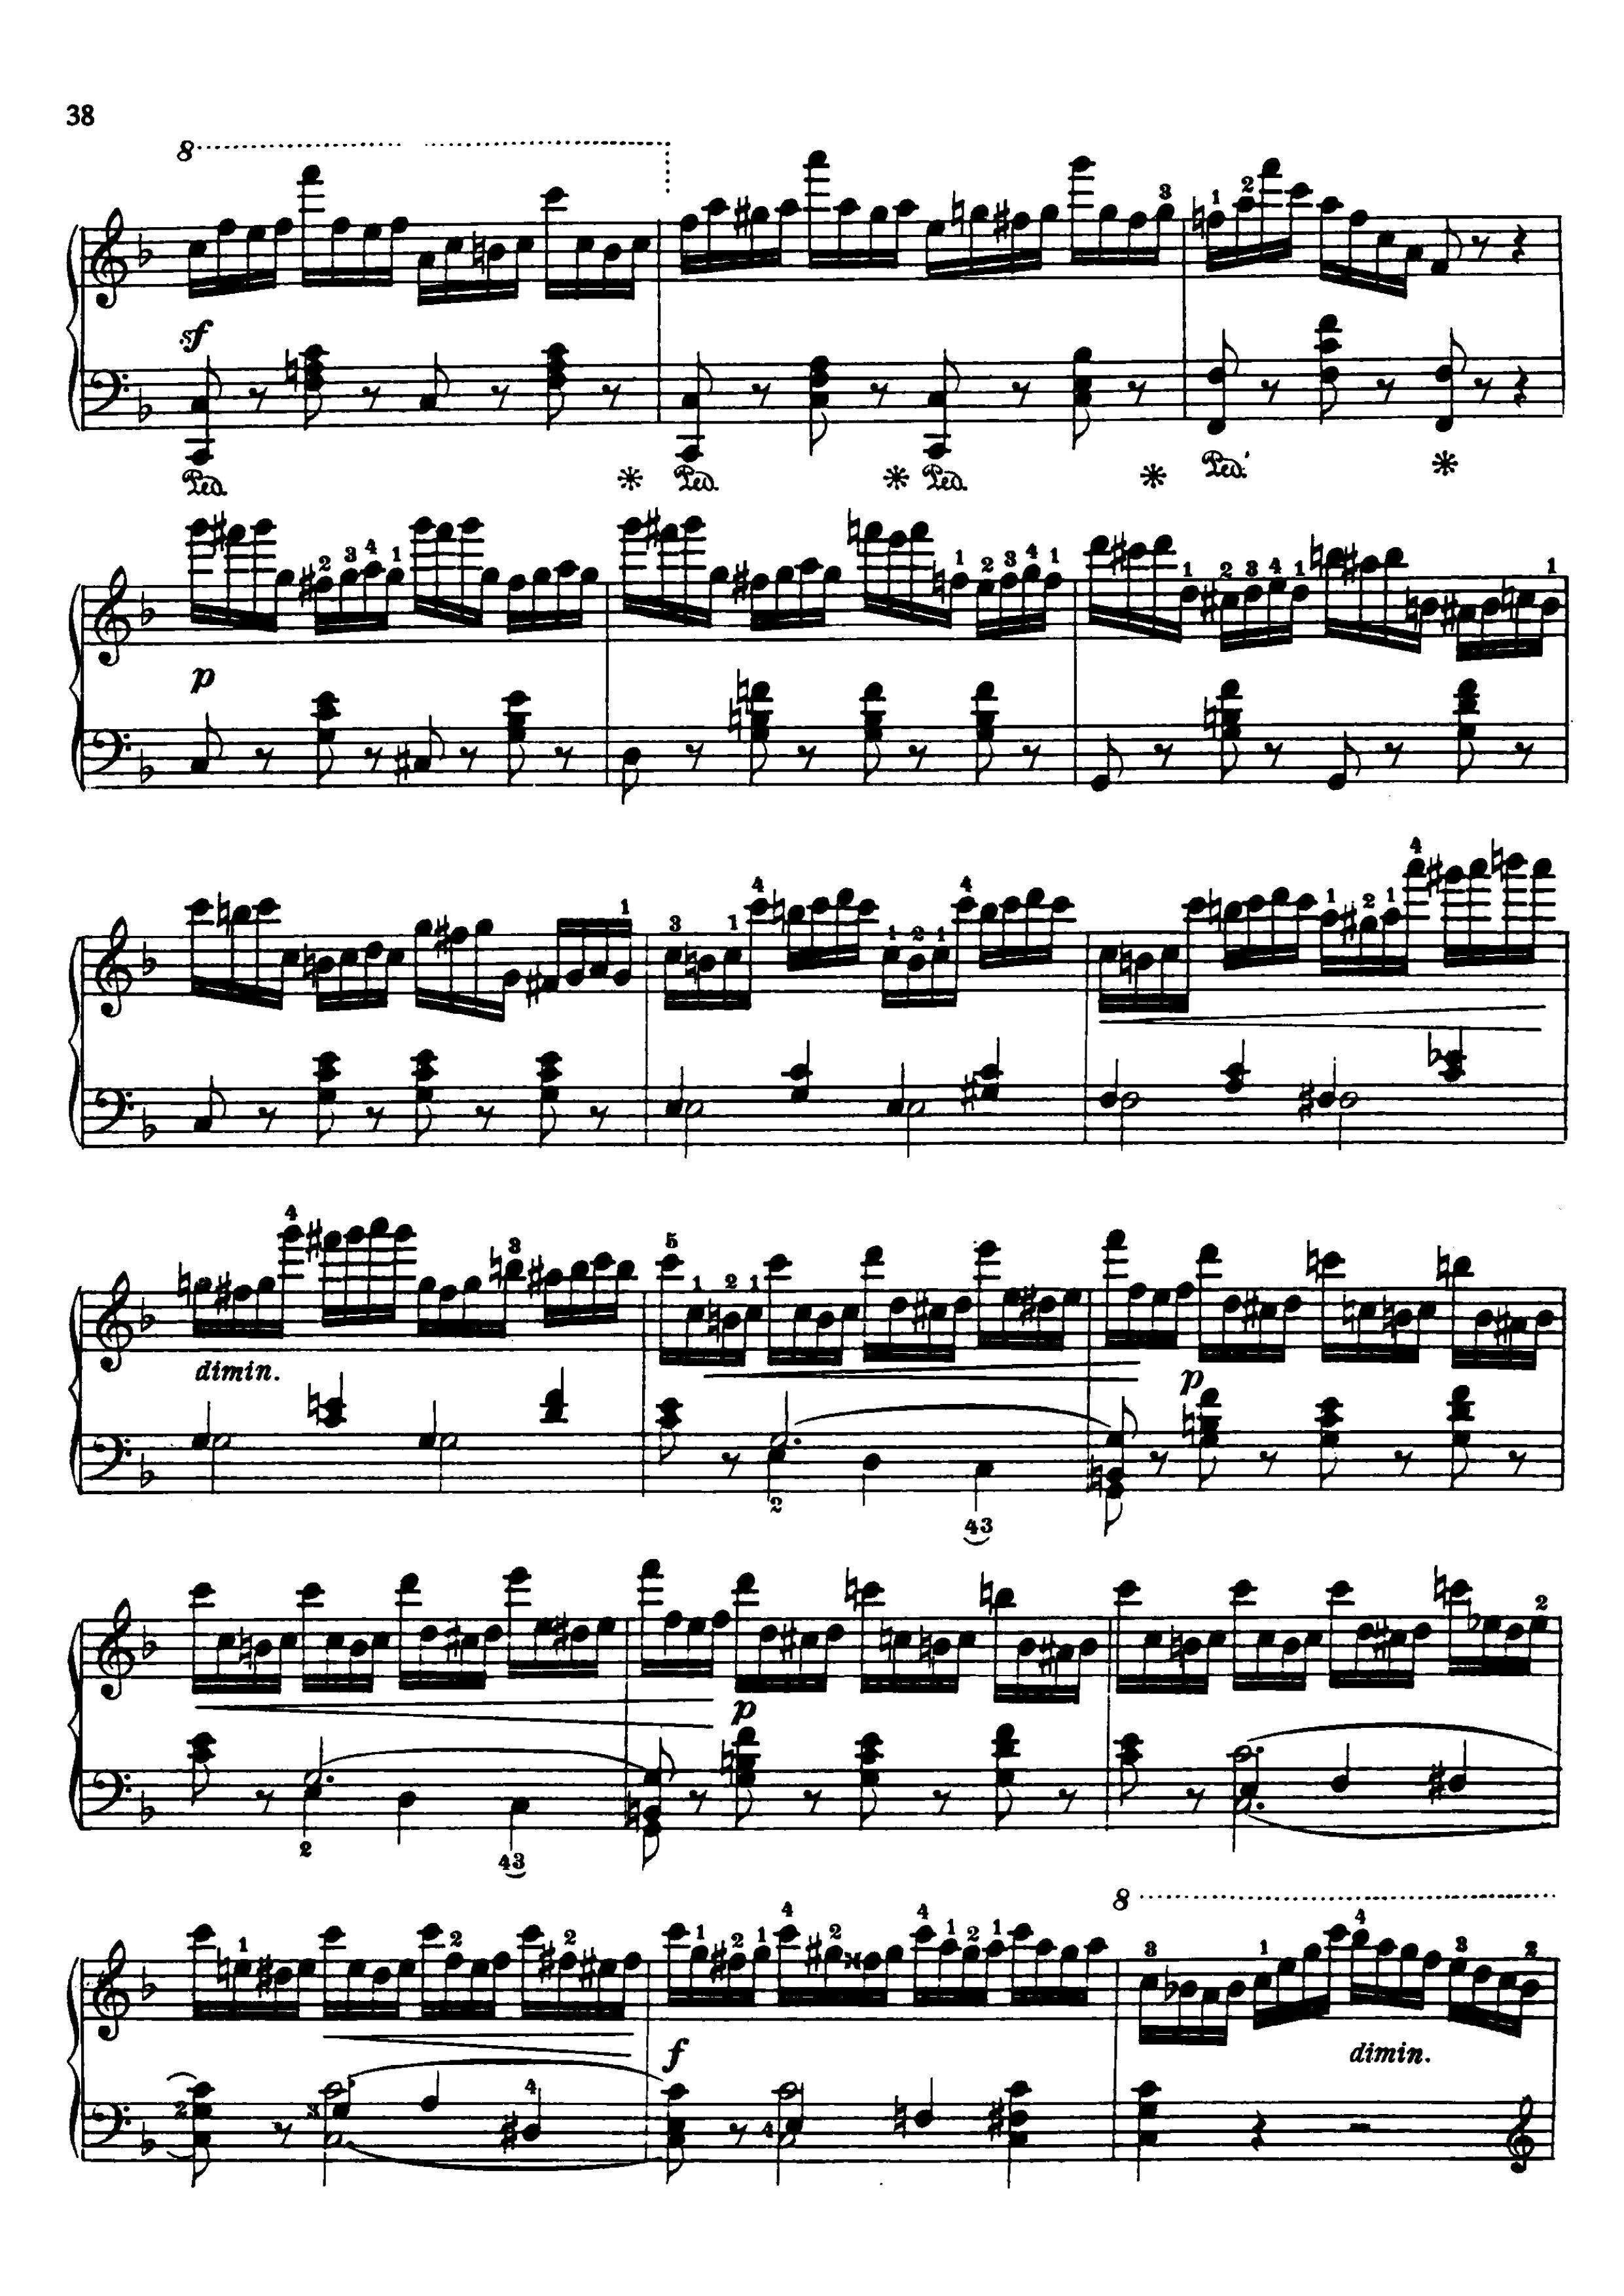 车尔尼740 第11条钢琴曲谱?急急急!